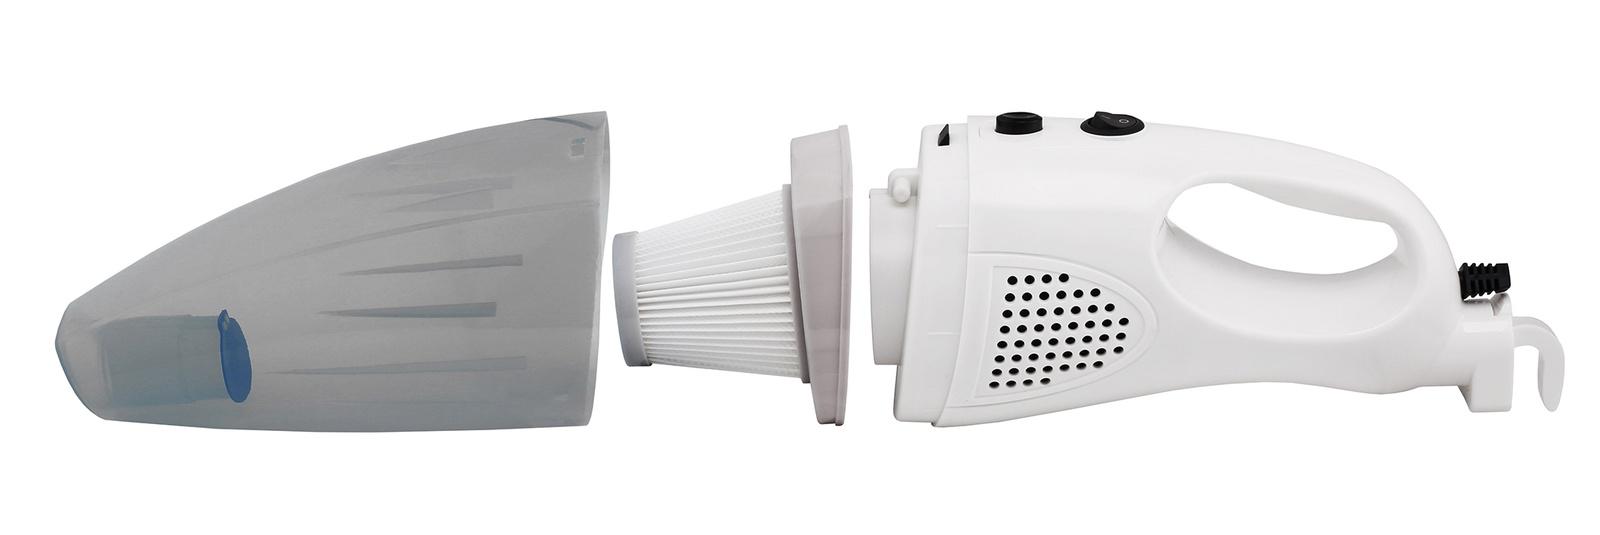 Беспроводной пылесос PROFFI вертикальный, ручной 2 в 1, 9 насадок и USB флэш-накопитель со сборником мультфильмов, белый, серый, светло-серый, прозрачный Proffi